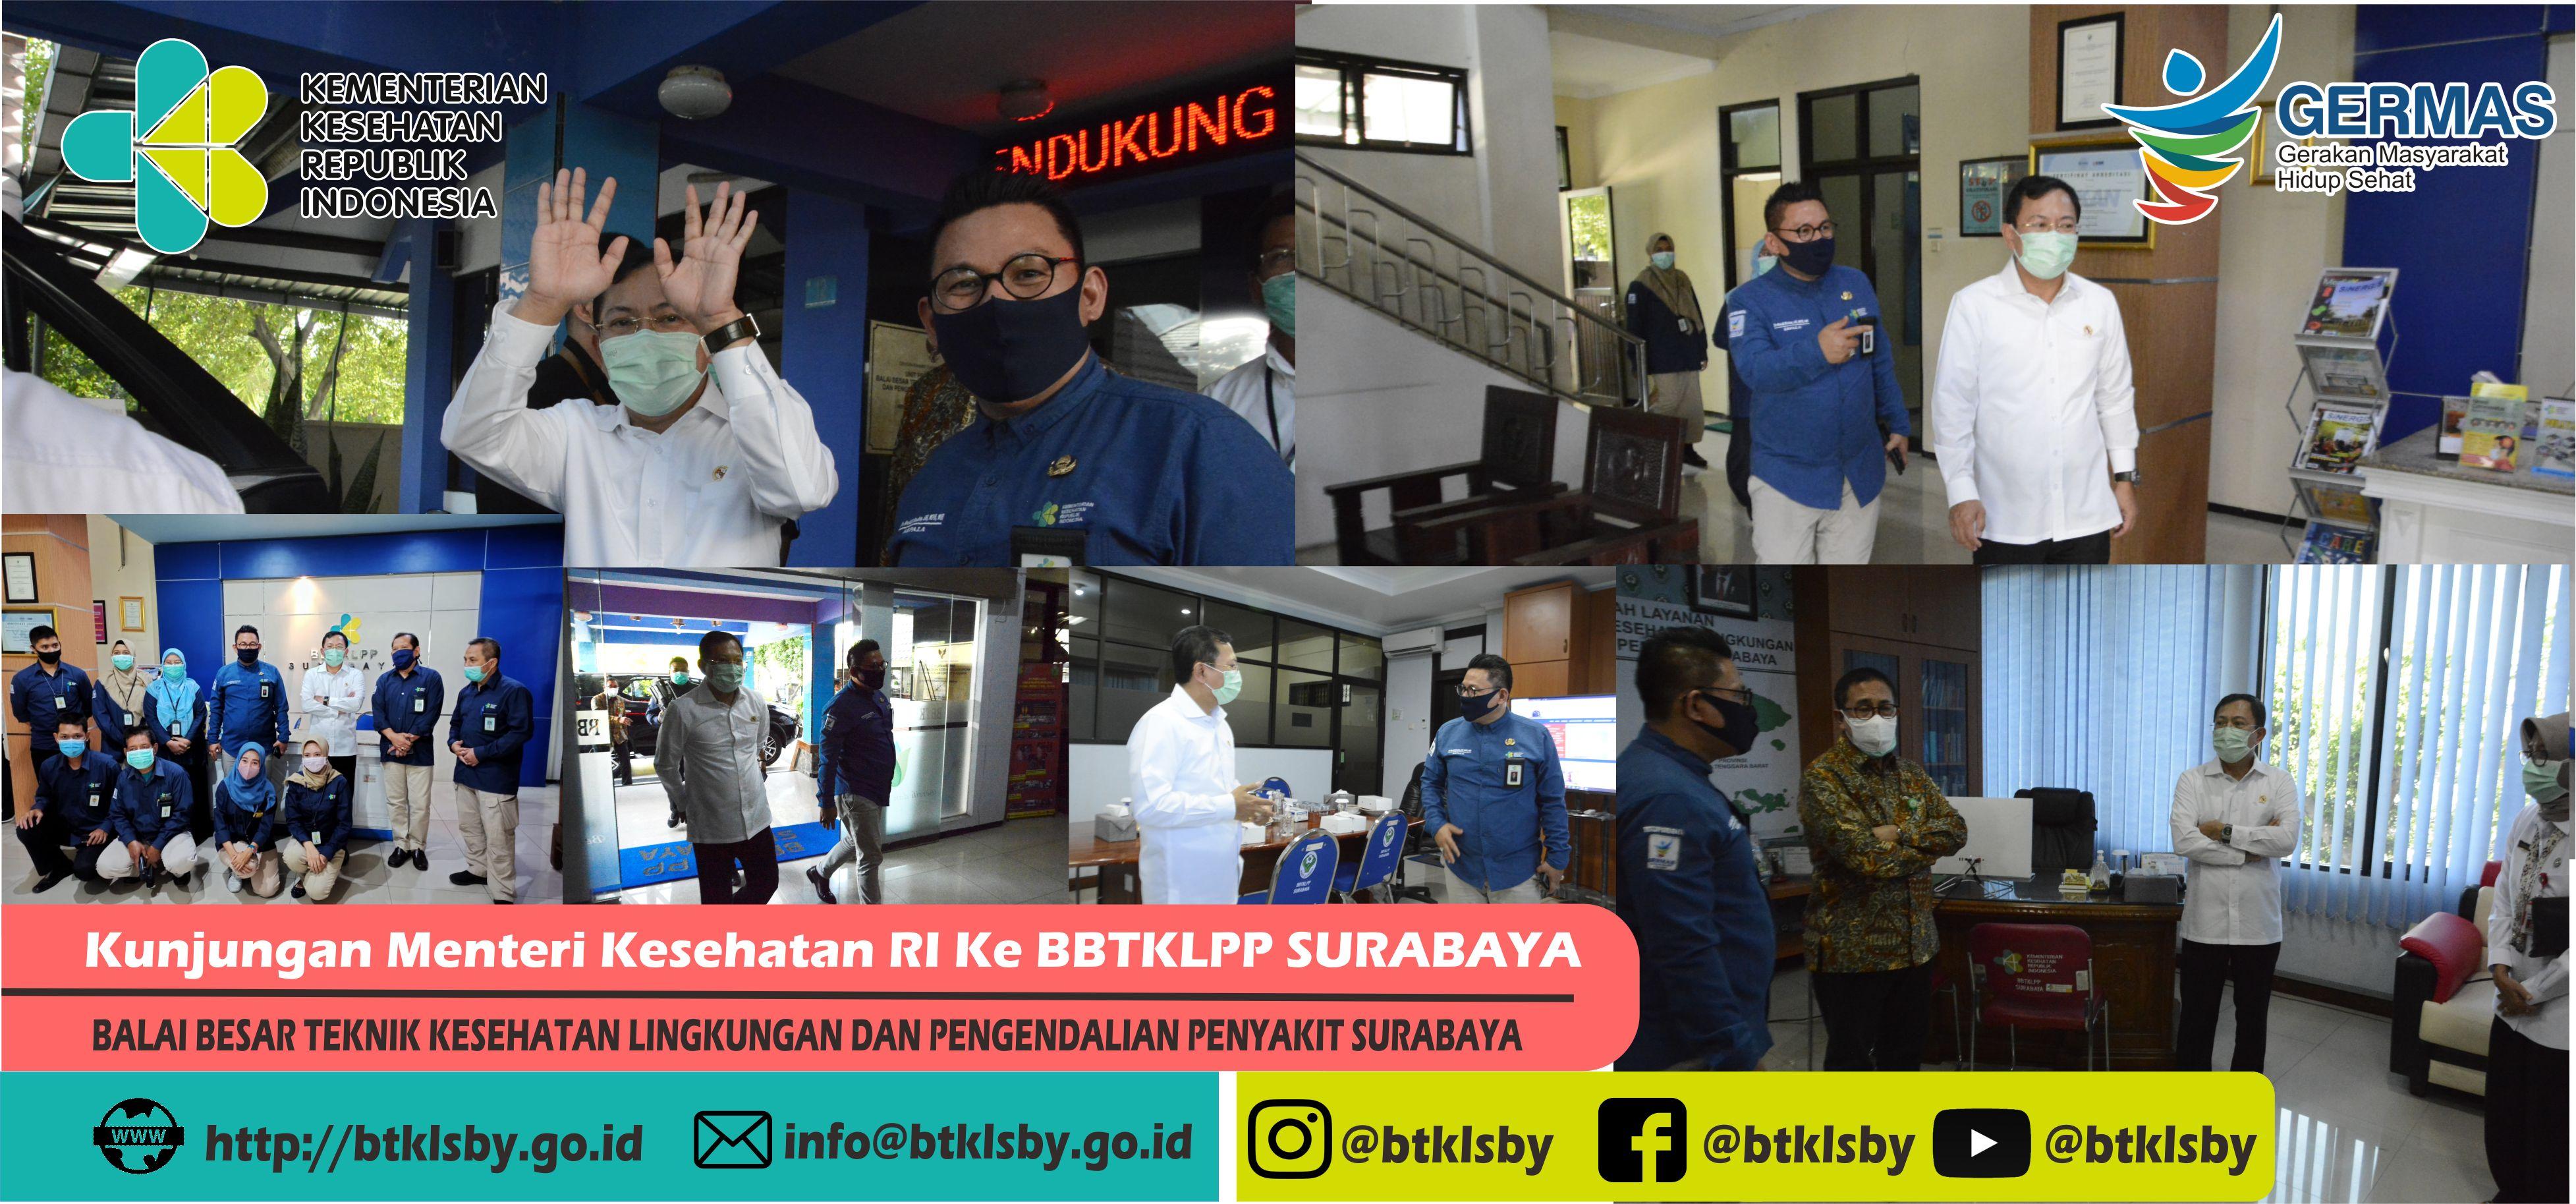 Kunjungan Menteri Kesehatan RI di BBTKLPP Surabaya